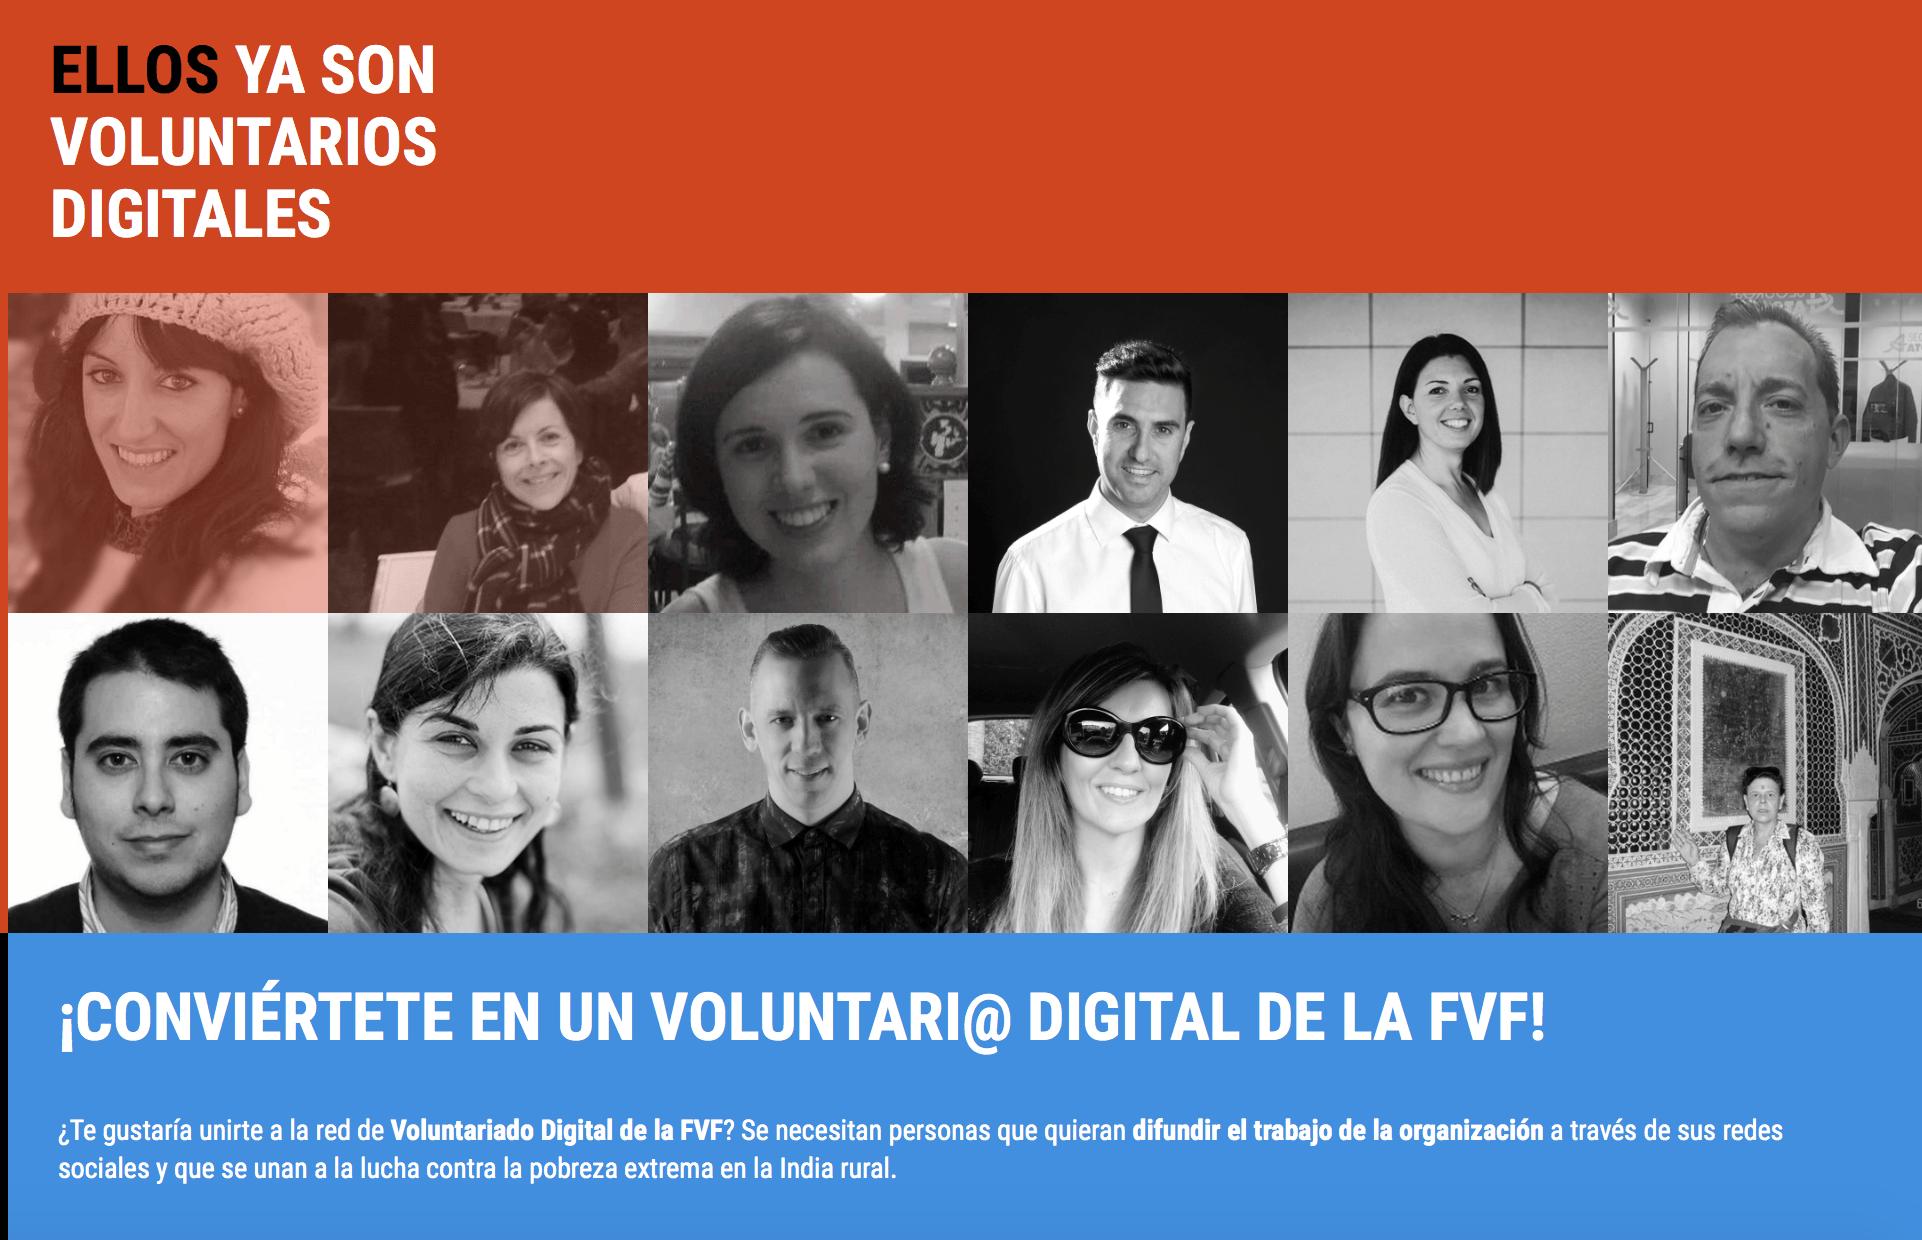 voluntario digital fundación vicente ferrer